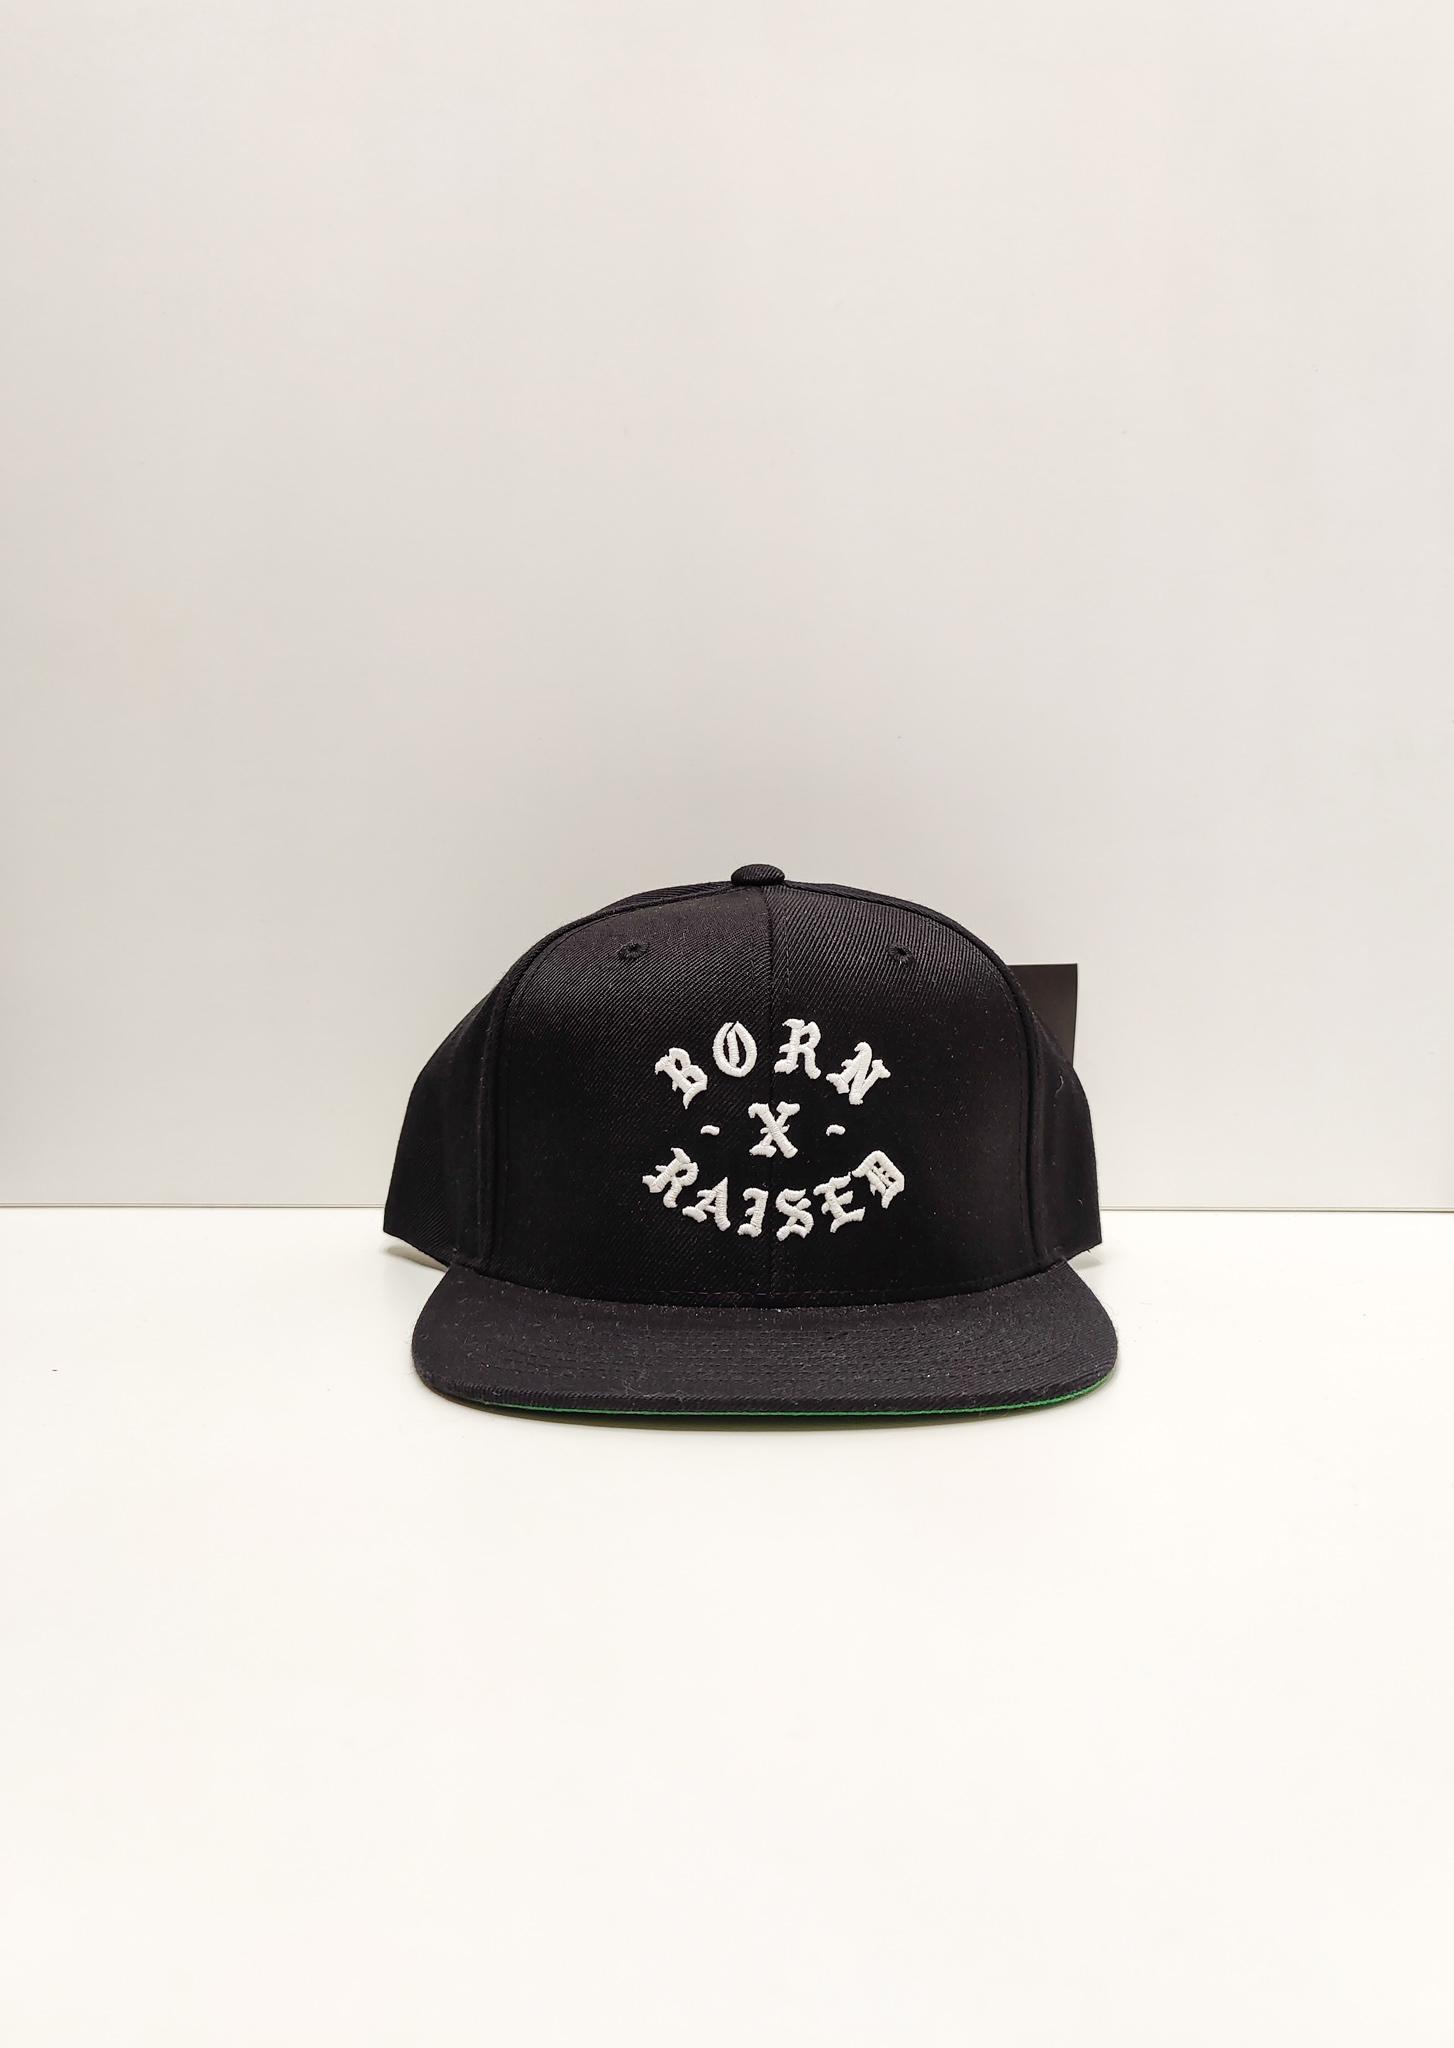 Born x Raised Starter Black Label Cap